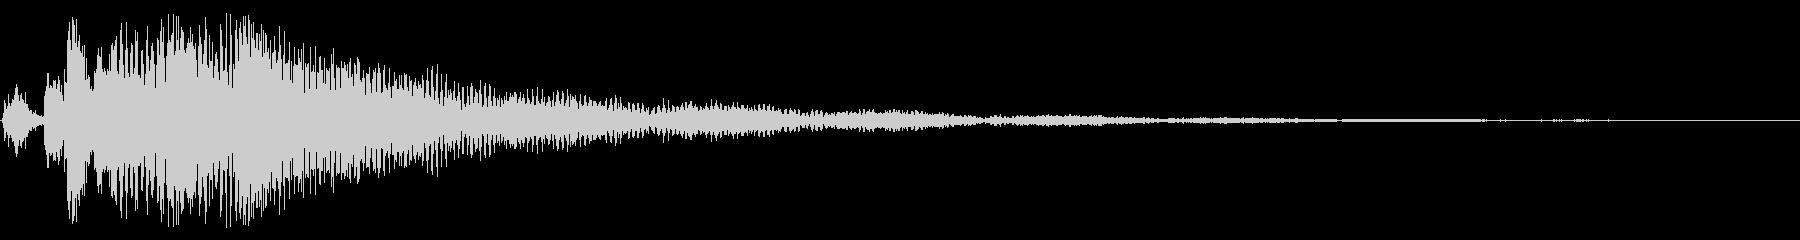 エンド グリッサンド トイピアノの未再生の波形